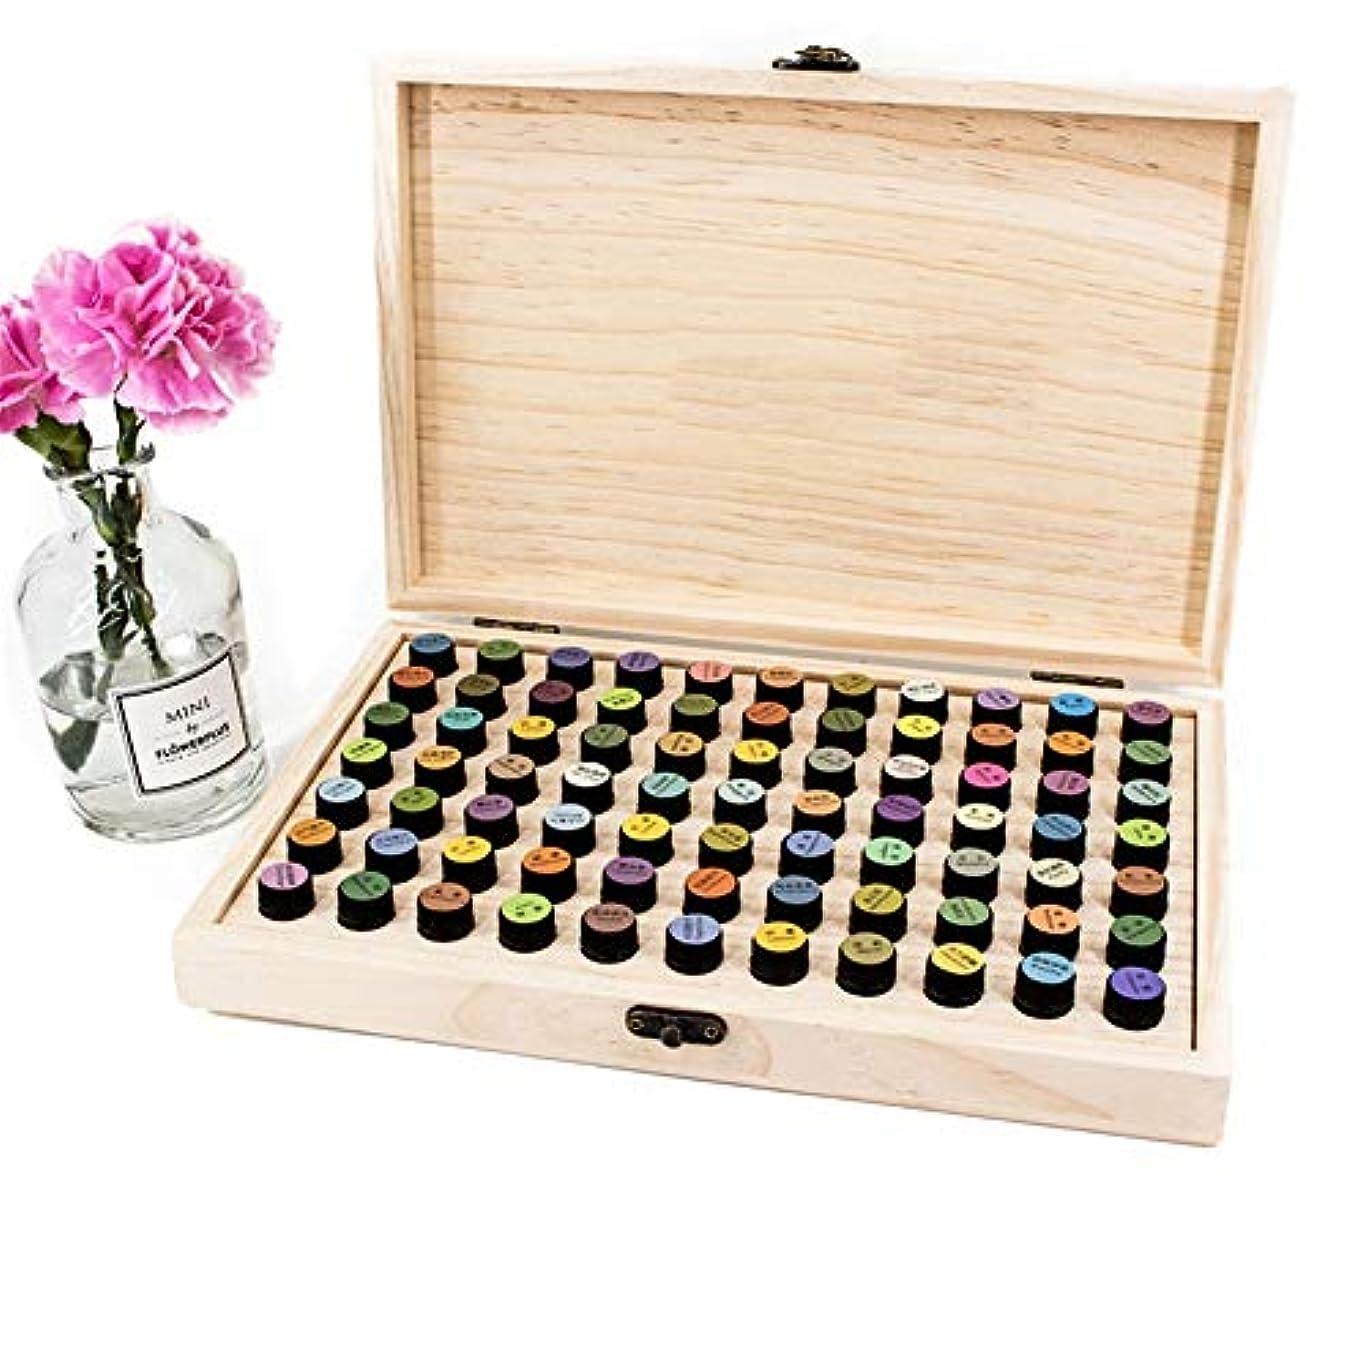 祖母喜びシリングアロマセラピー収納ボックス 2ディスプレイウッドオイルボックス72個のスロットオーガナイザーを格納するためのバイアルmlの エッセンシャルオイル収納ボックス (色 : Natural, サイズ : 29X19X4CM)